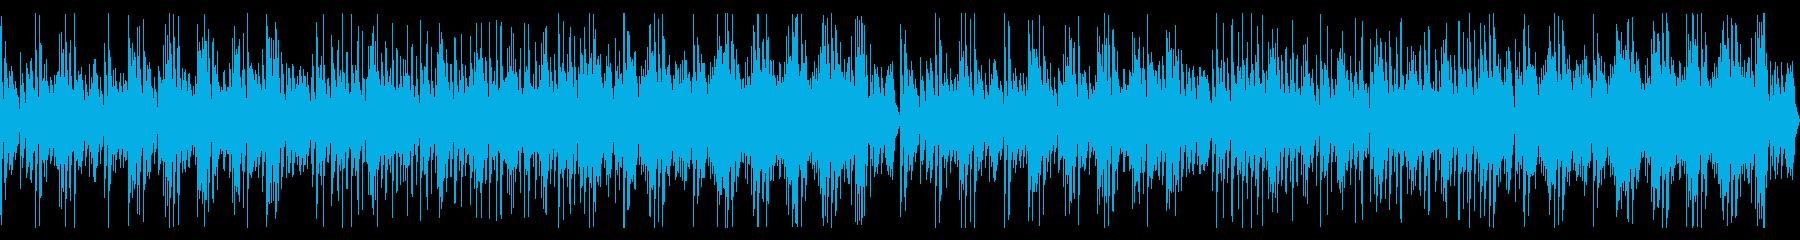 ループ可かわいい作業中日常の再生済みの波形